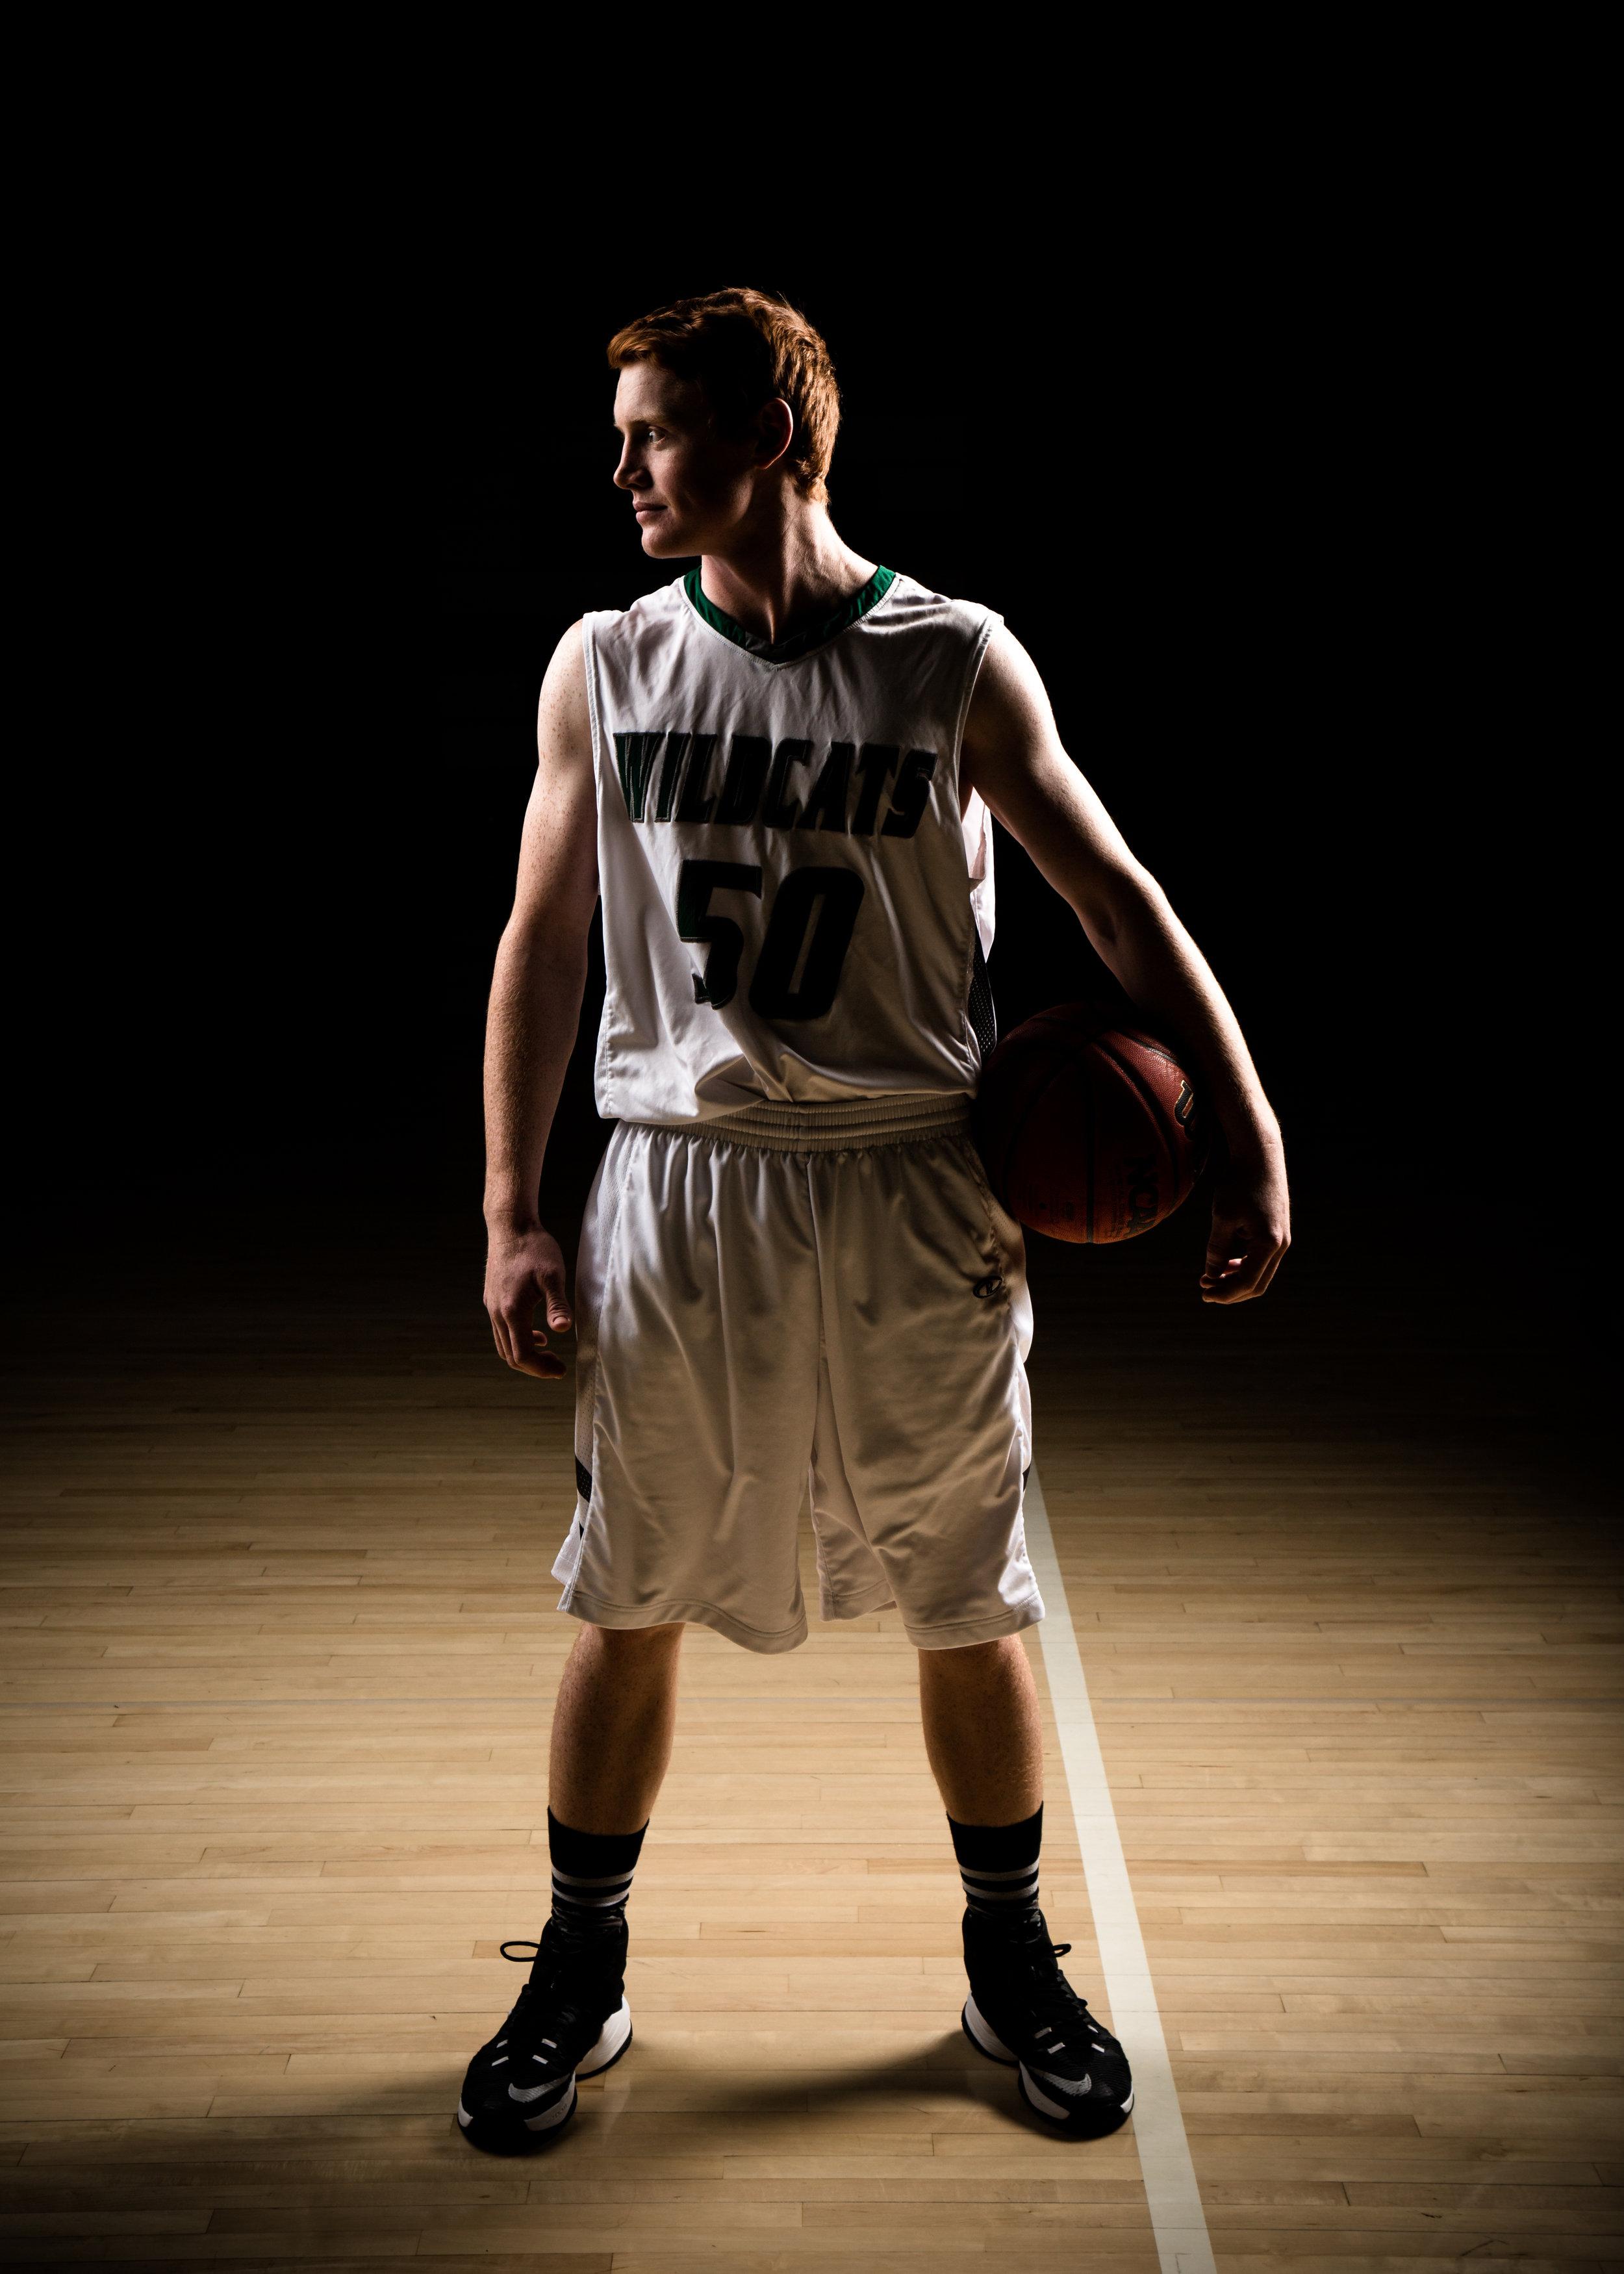 South_Summit_Boys_Basketball-37.jpg